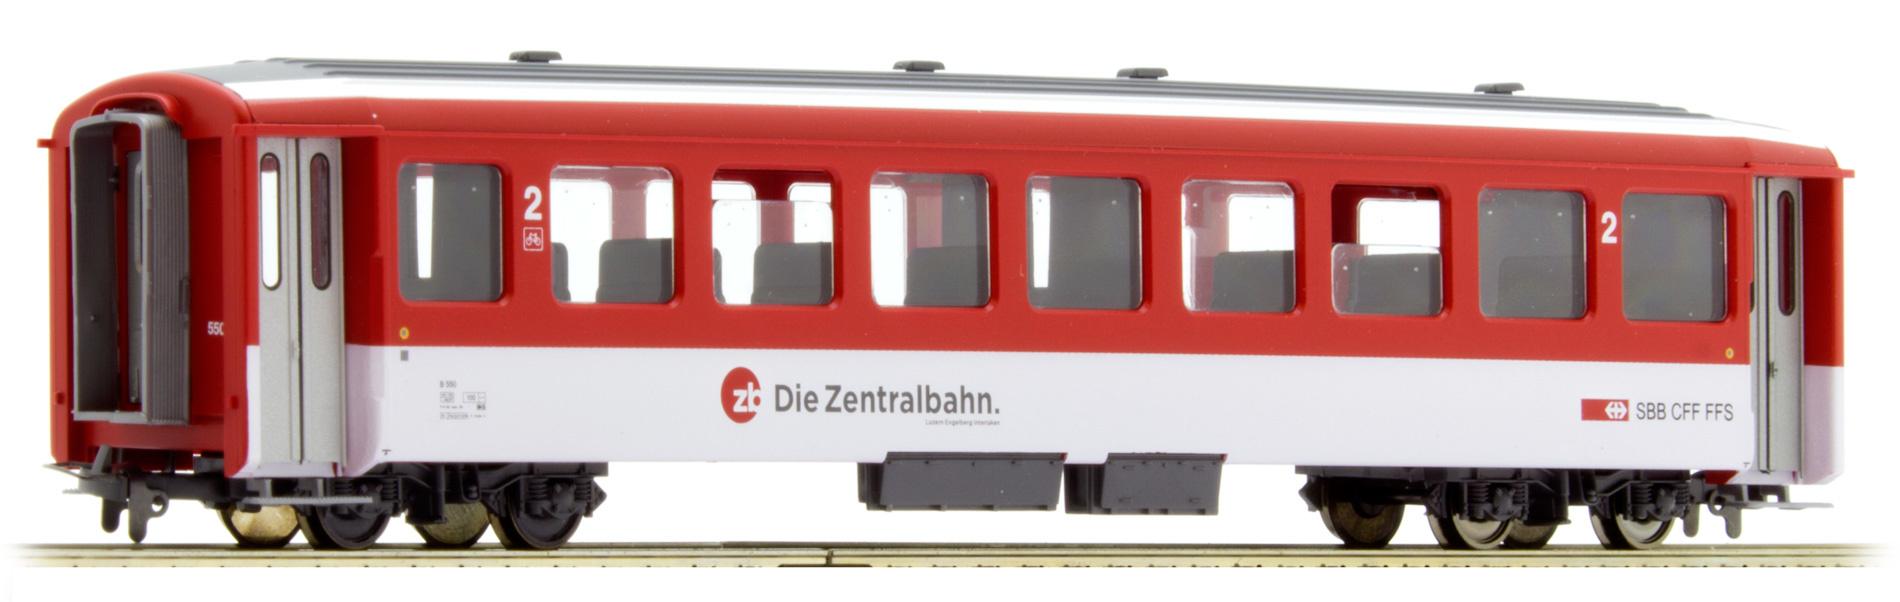 3266470 zb B 550 Verstärkungswagen ex LSE-1